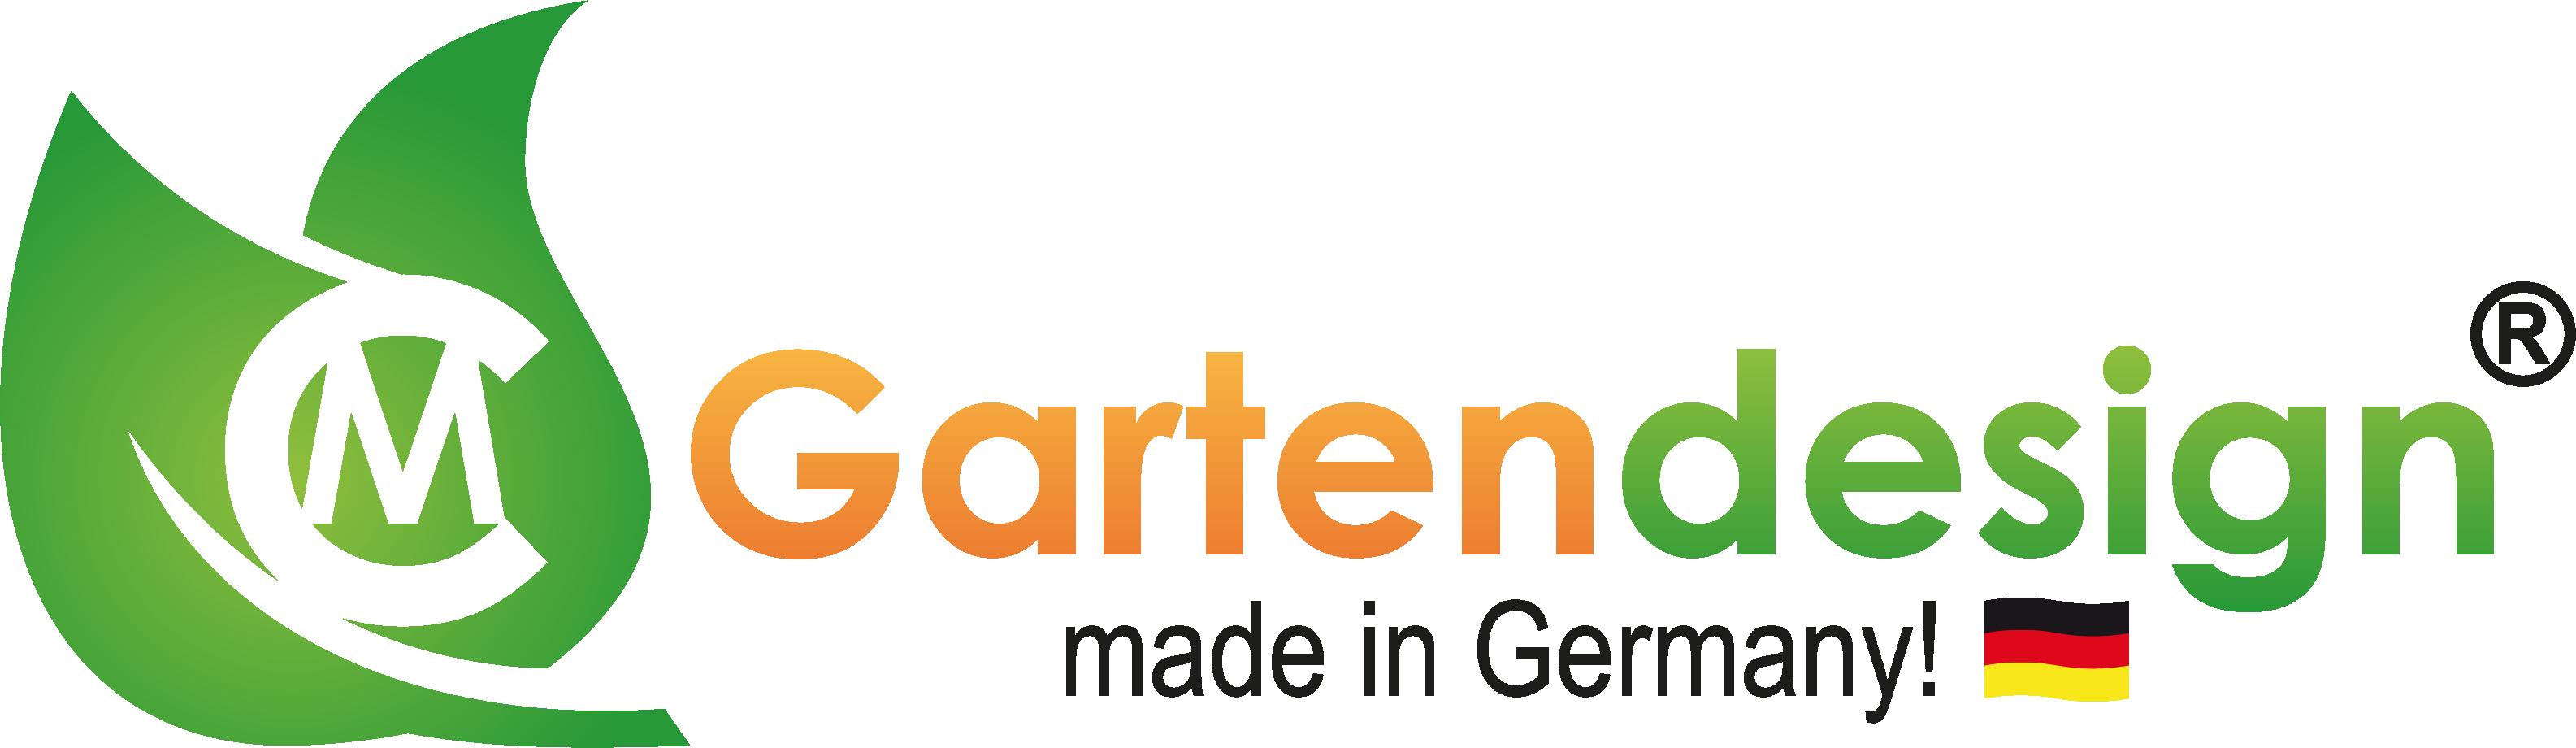 CM Gartendesign